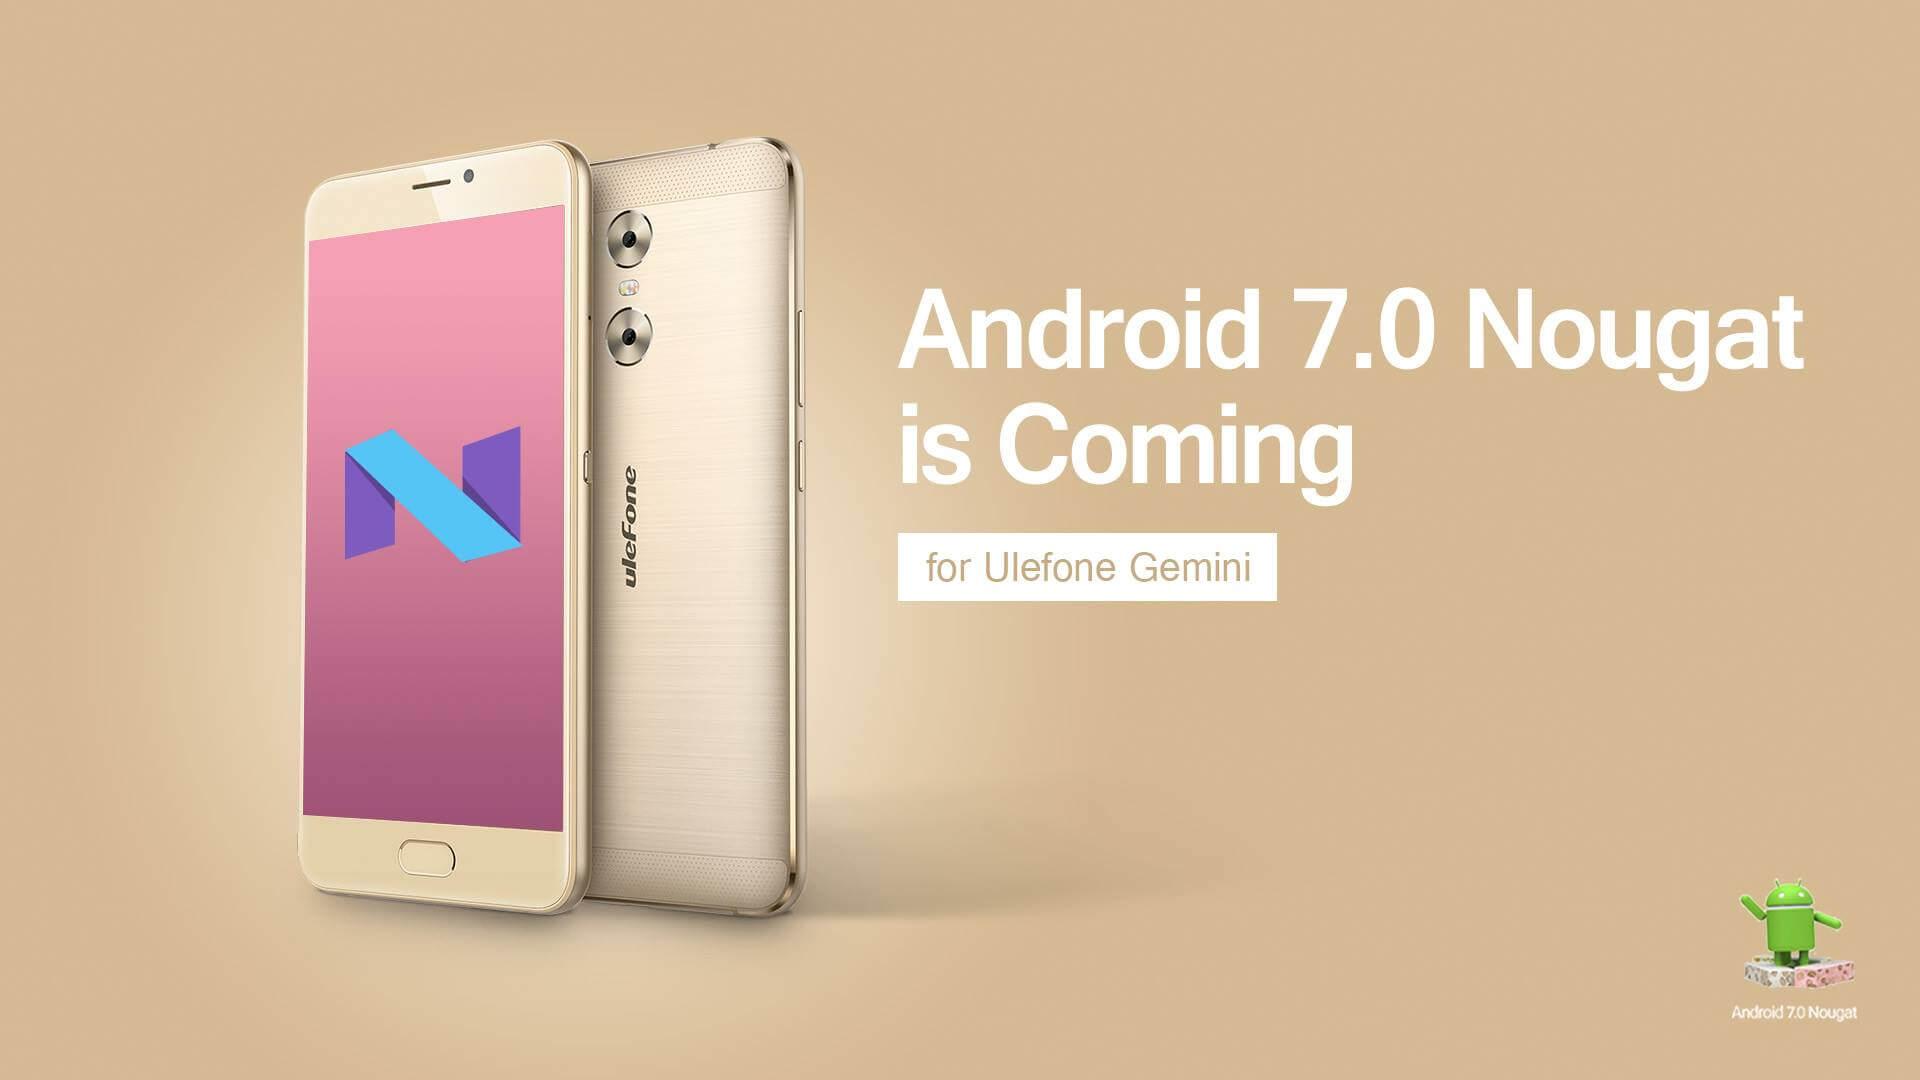 Update auf Android 7.0 Nougat für Ulefone Gemini, Bild: Ulefone